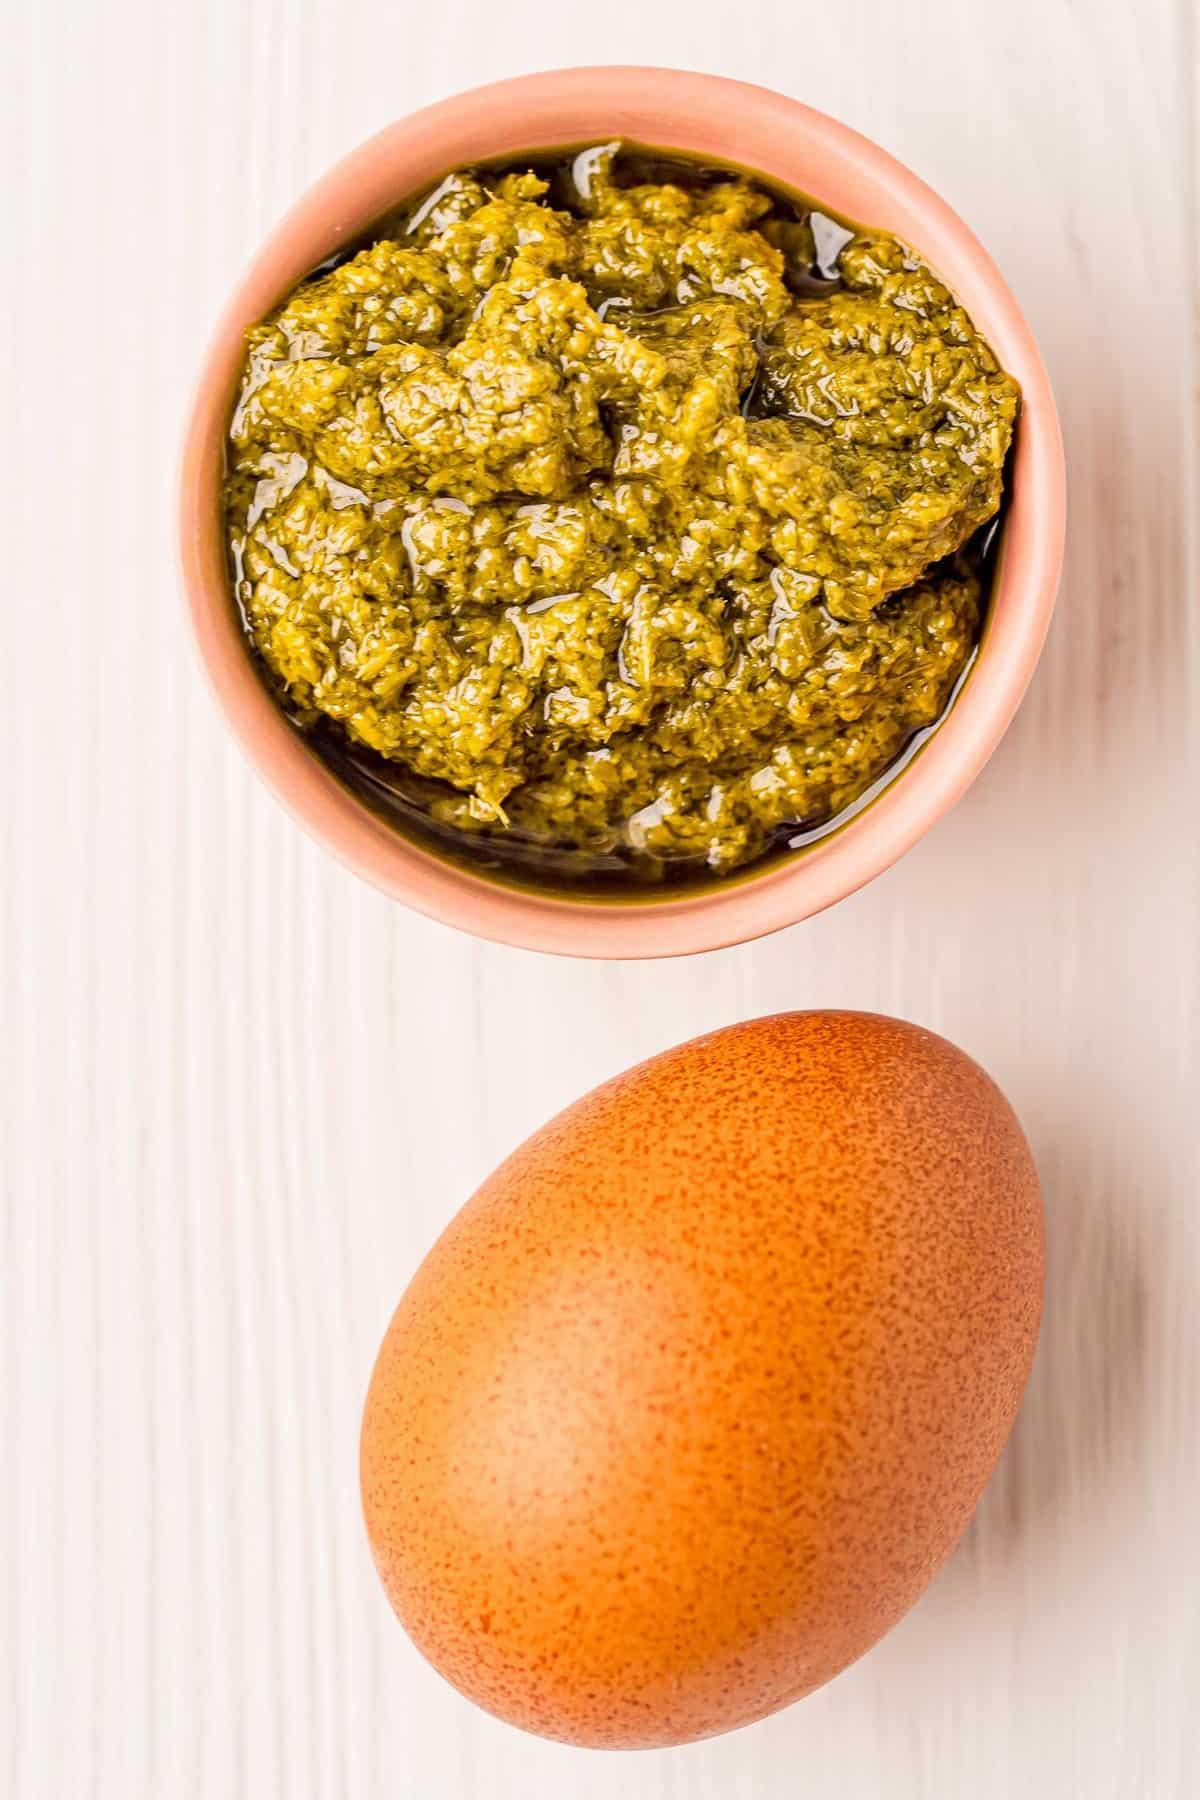 Pesto and an egg